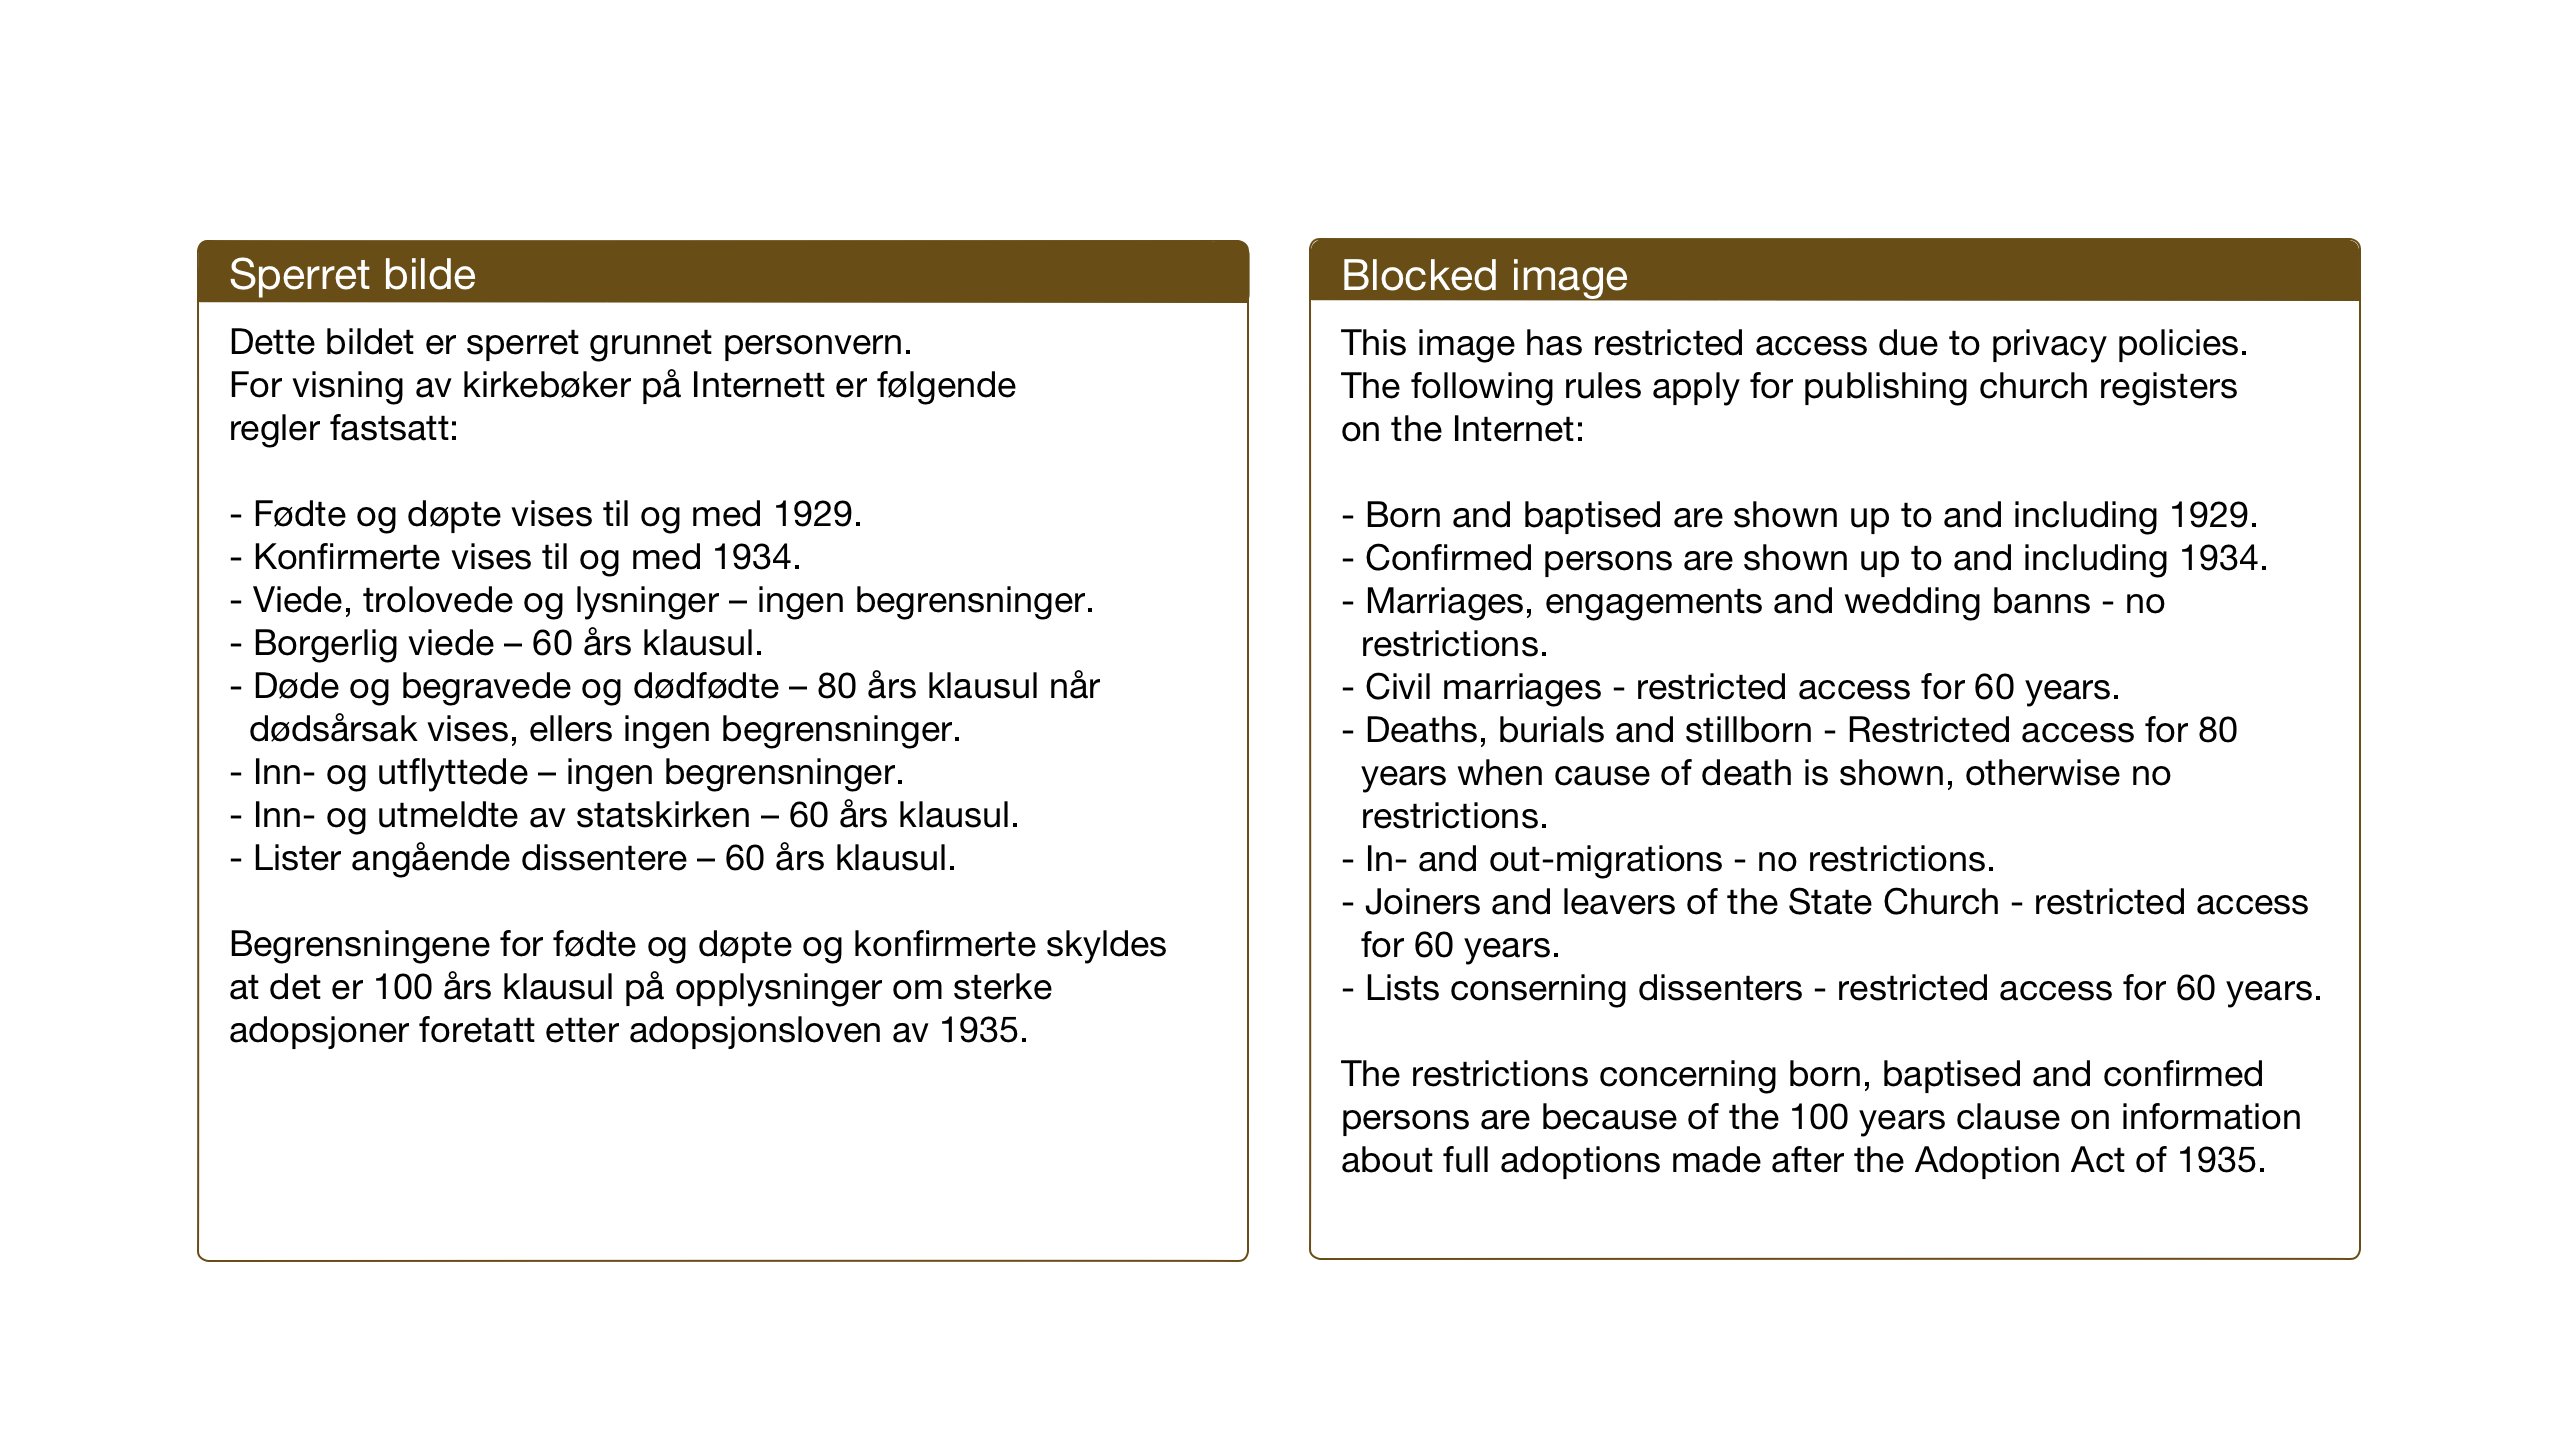 SAT, Ministerialprotokoller, klokkerbøker og fødselsregistre - Sør-Trøndelag, 623/L0470: Ministerialbok nr. 623A04, 1884-1938, s. 5